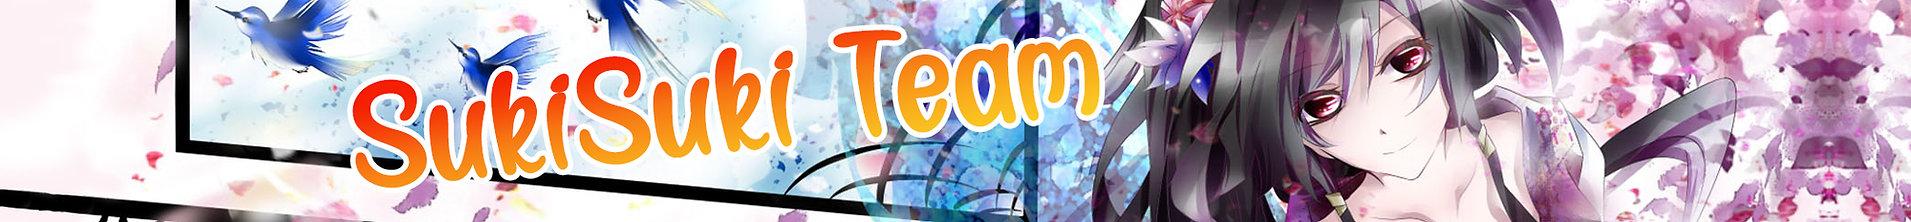 SukiSuki Team - Banniere.jpg